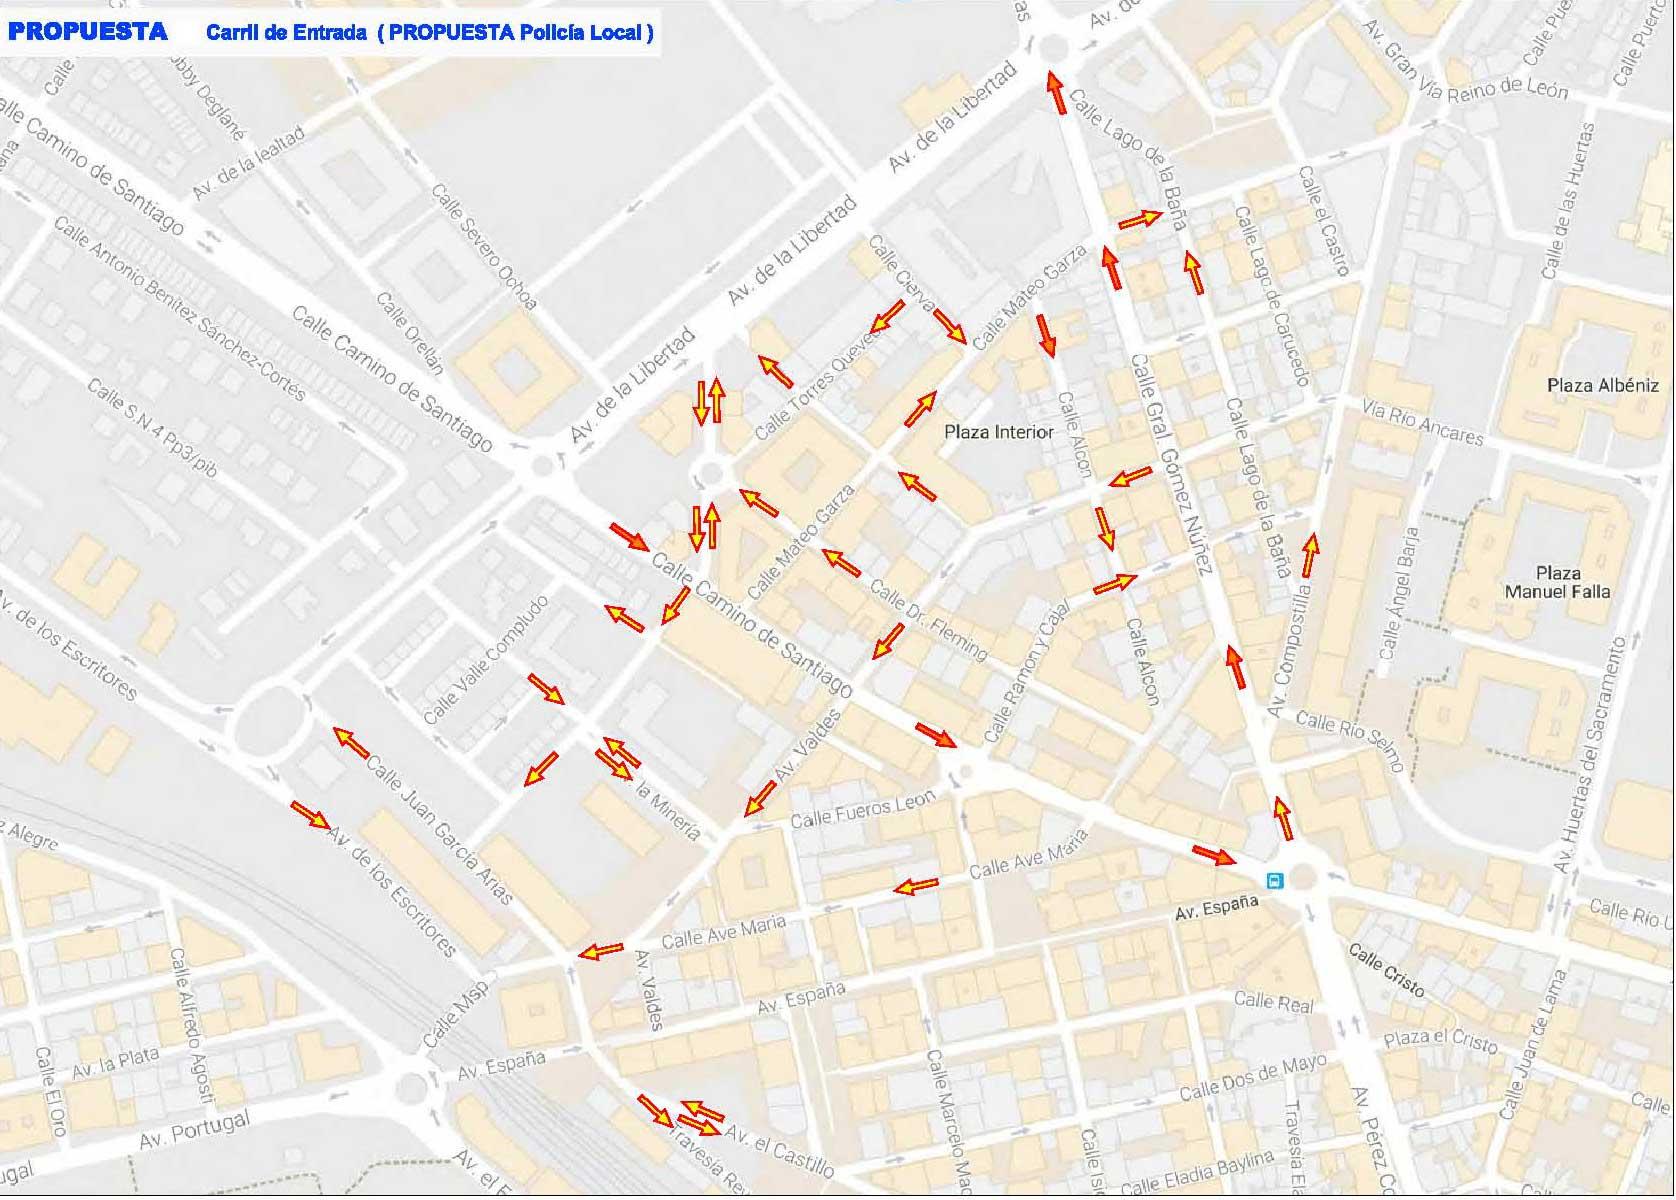 Así quedará el centro de Ponferrada tras el plan de comercio planeado por el Ayuntamiento 2